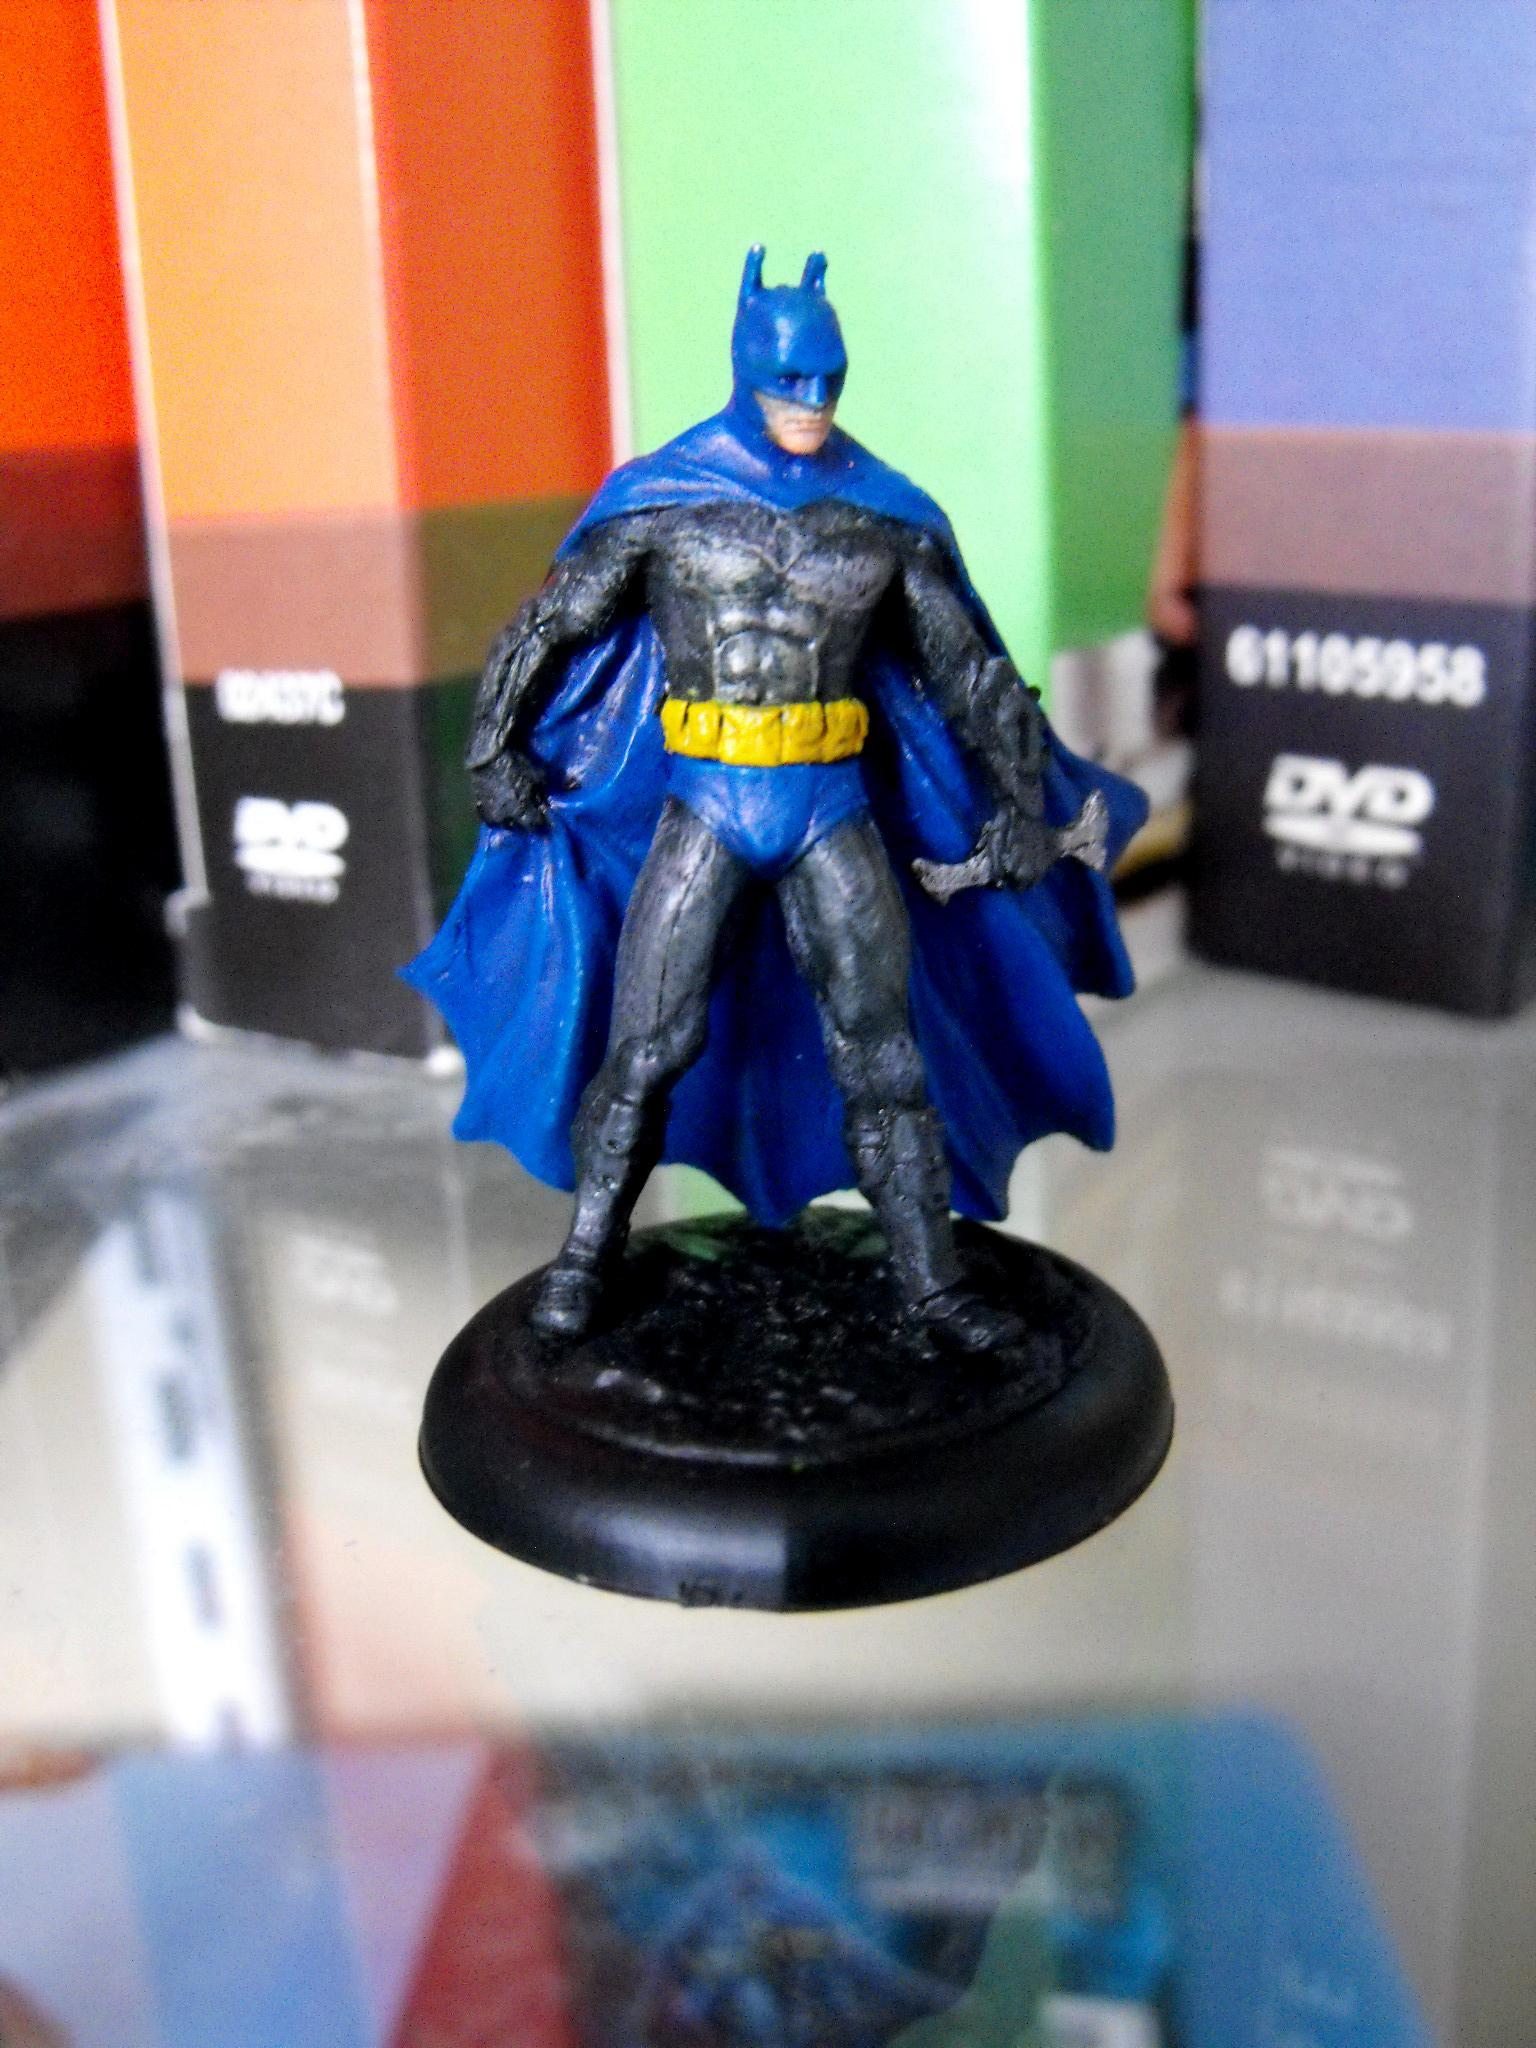 Batman, Blue, Bmg, Bruce Wayne, Classic